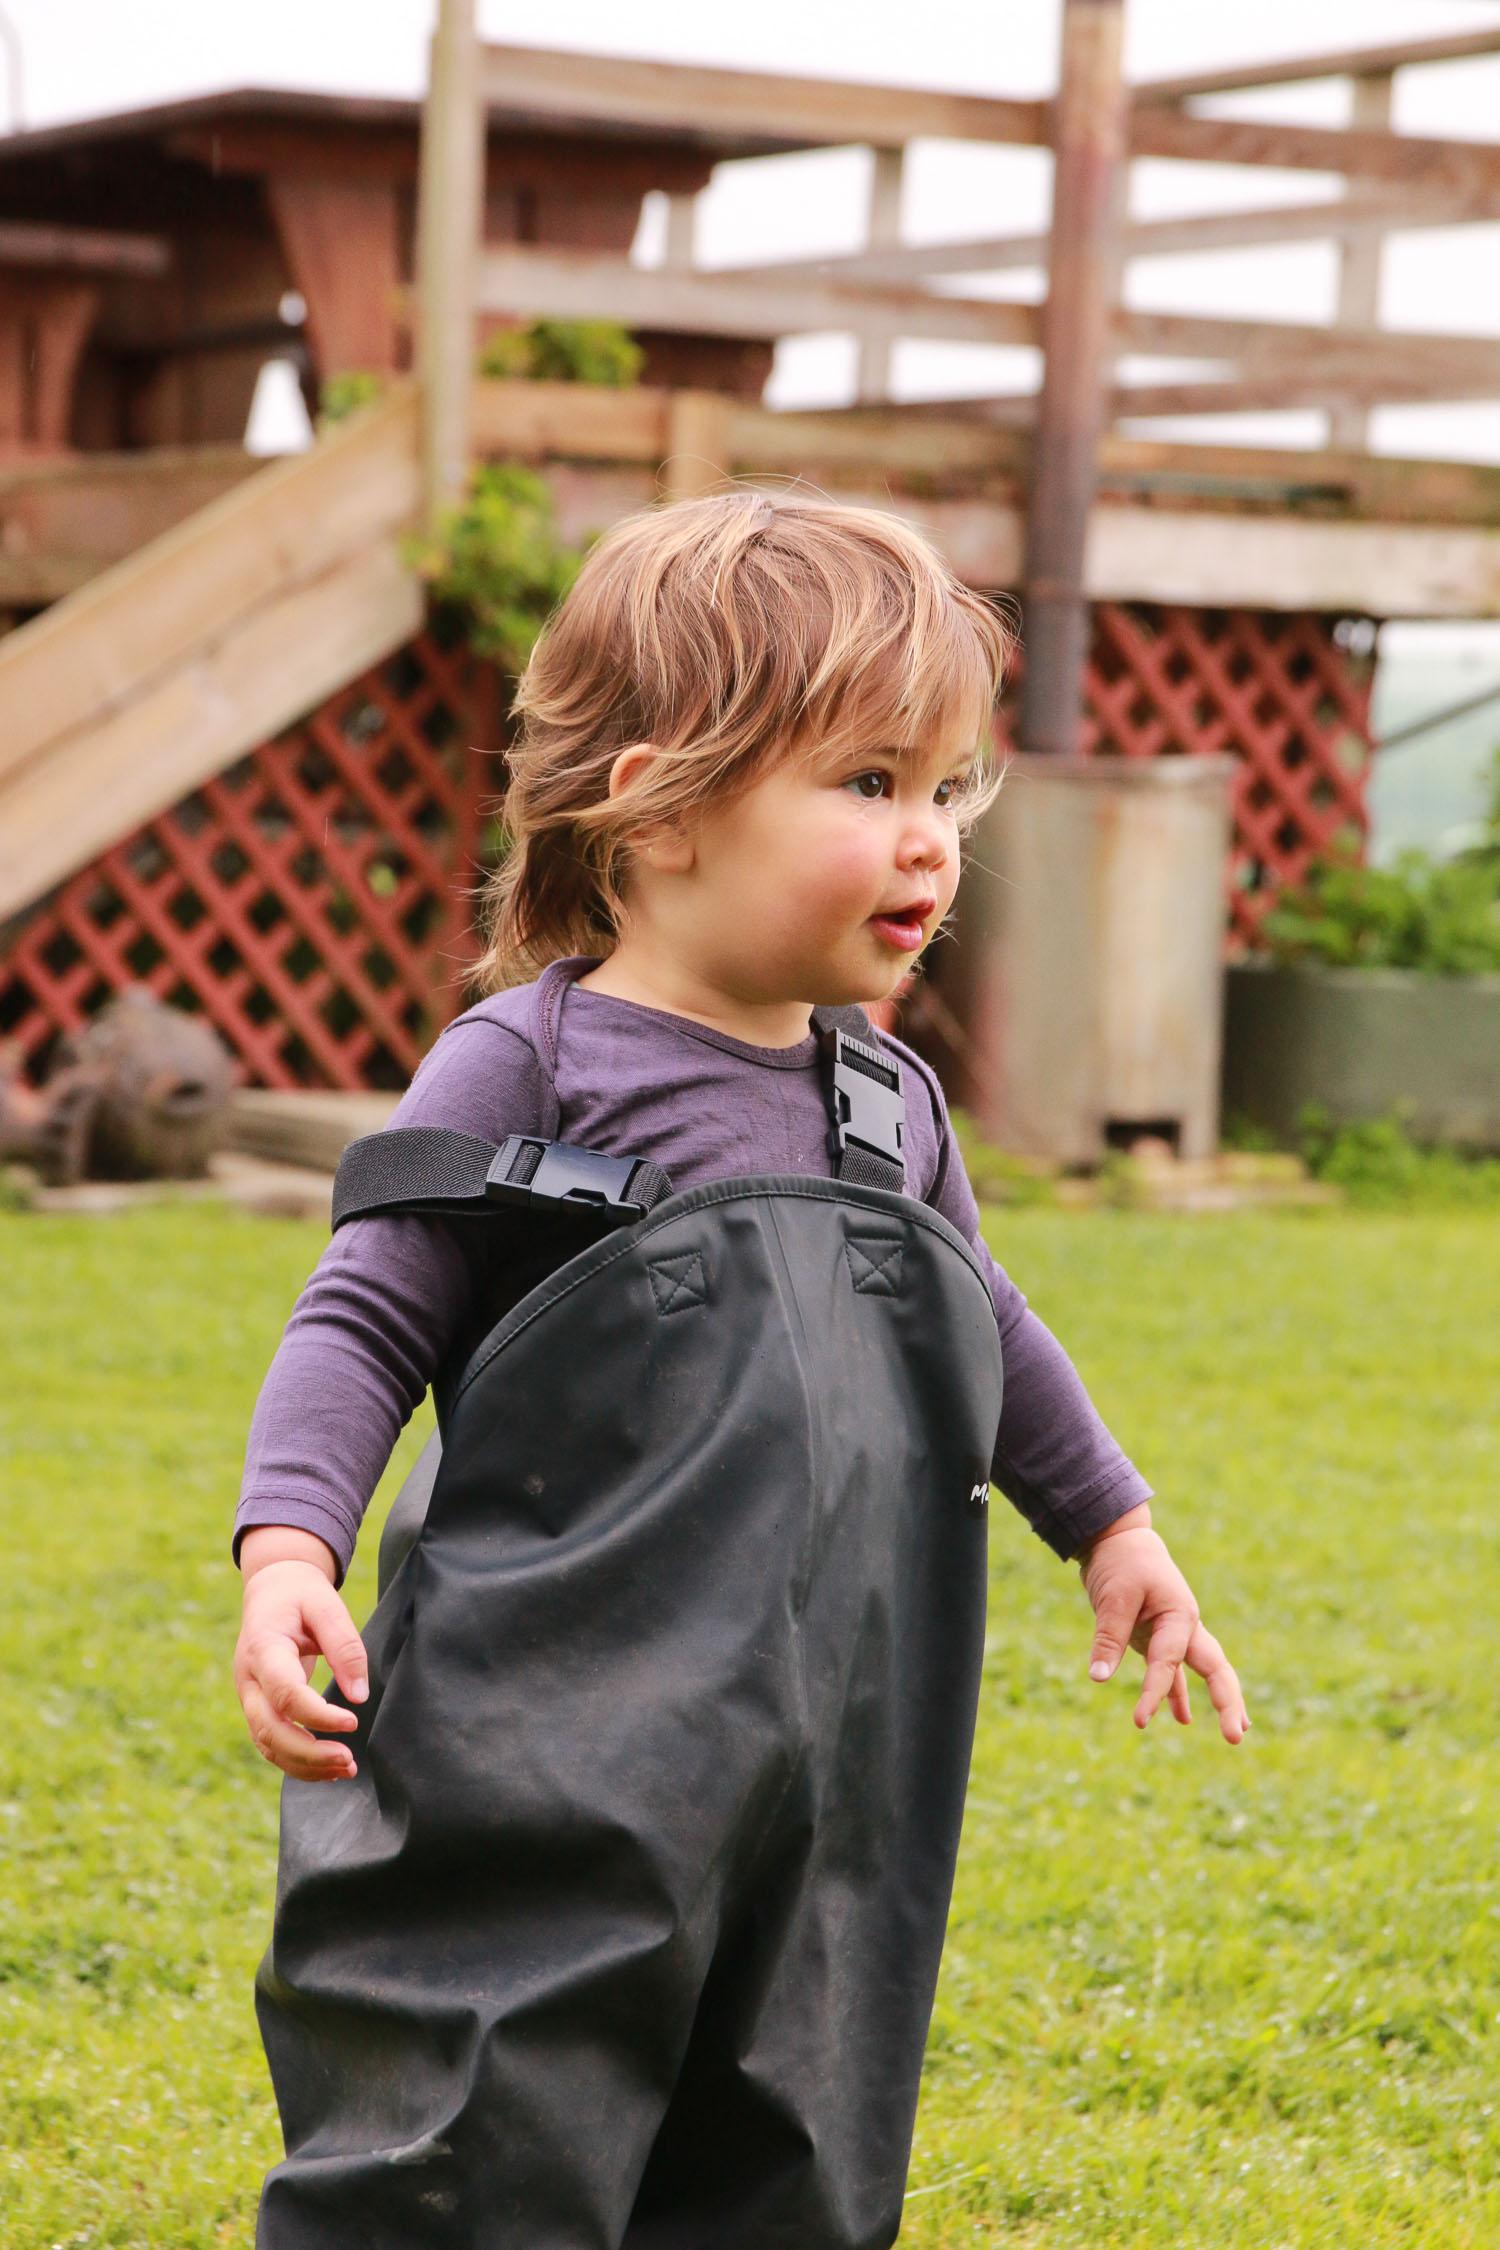 little-girl-wearing-overalls-raining-day.jpg